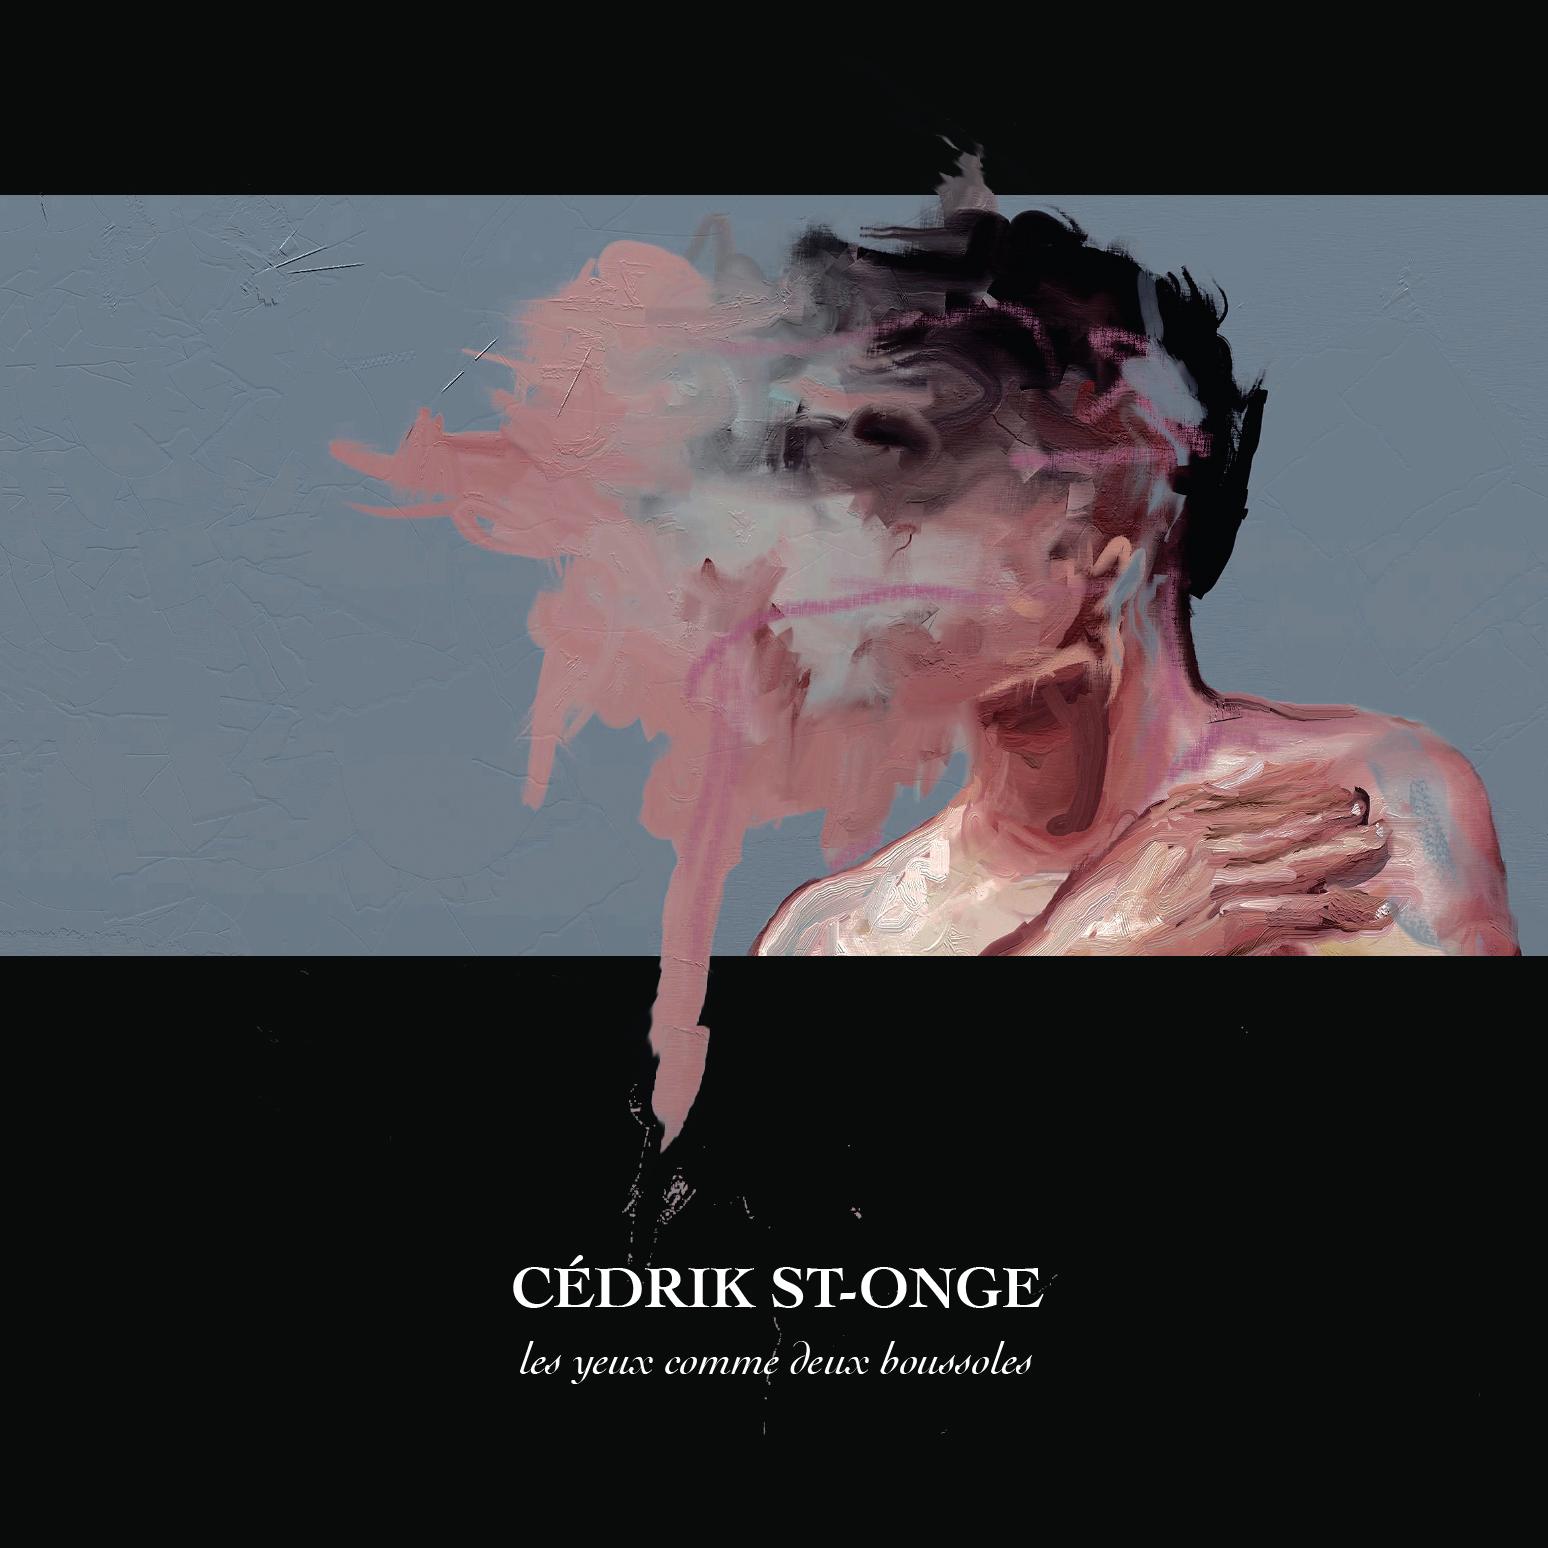 cedrik_st-onge-cover